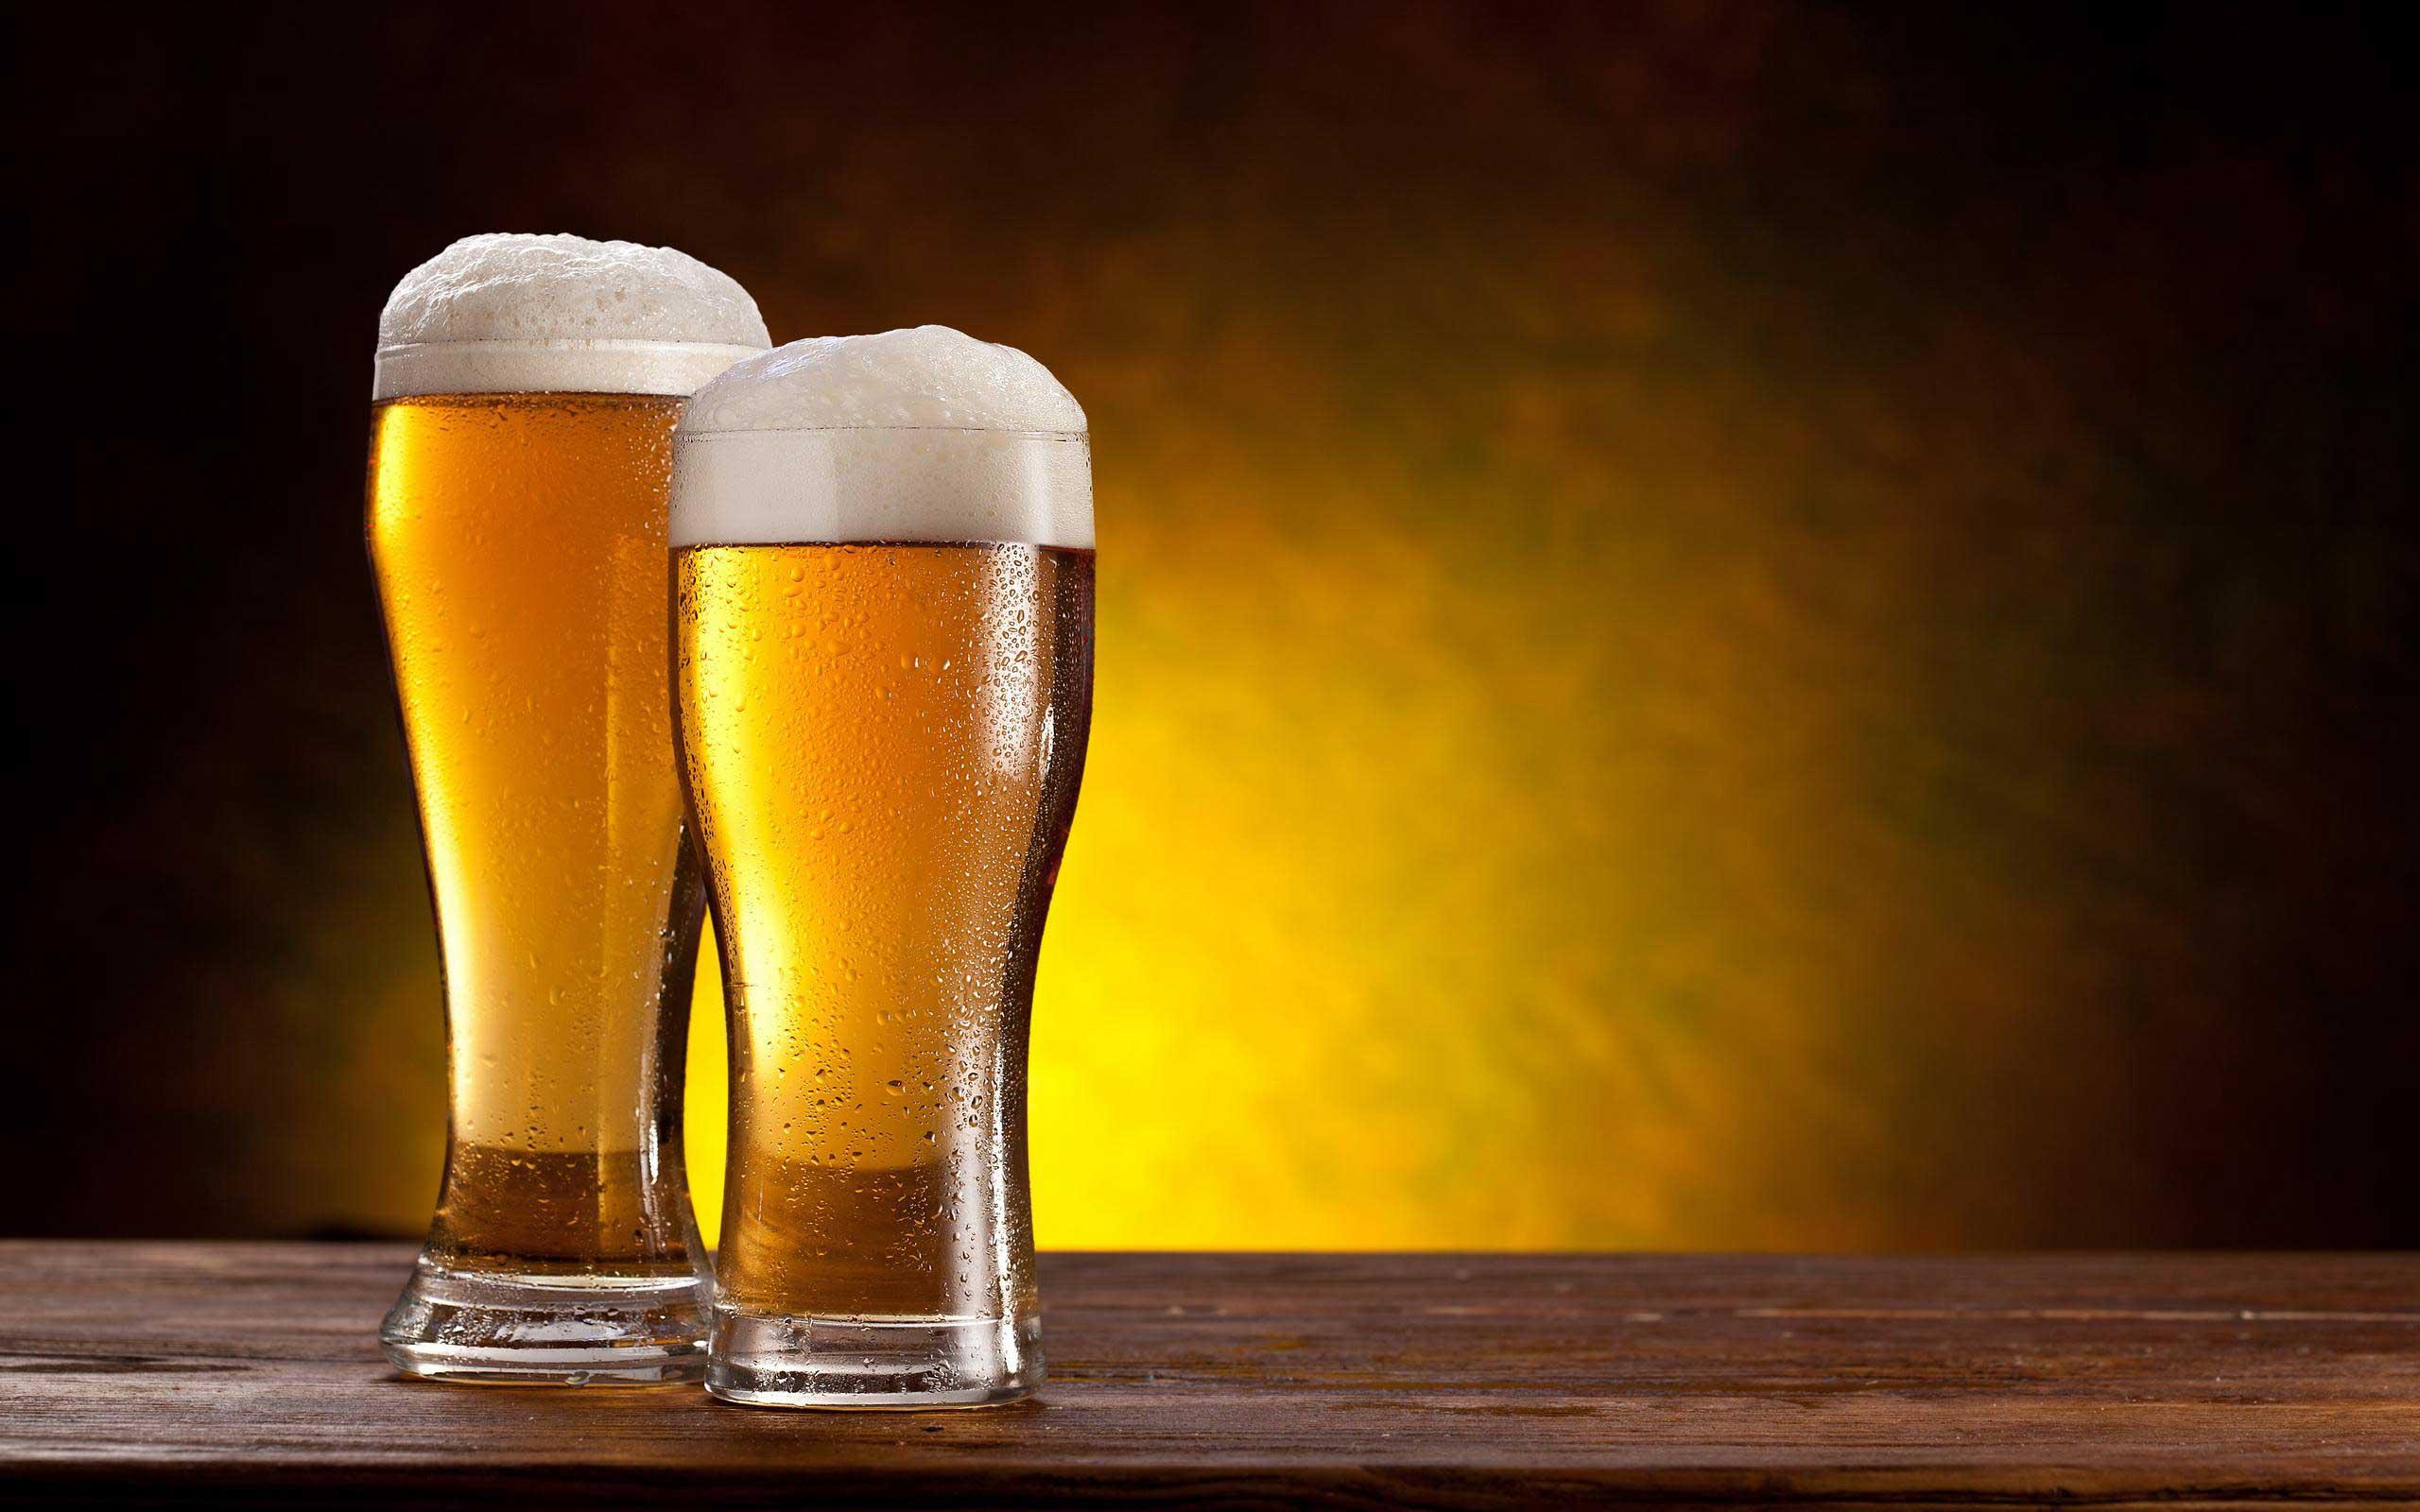 Resultado de imagem para IMagem de cerveja